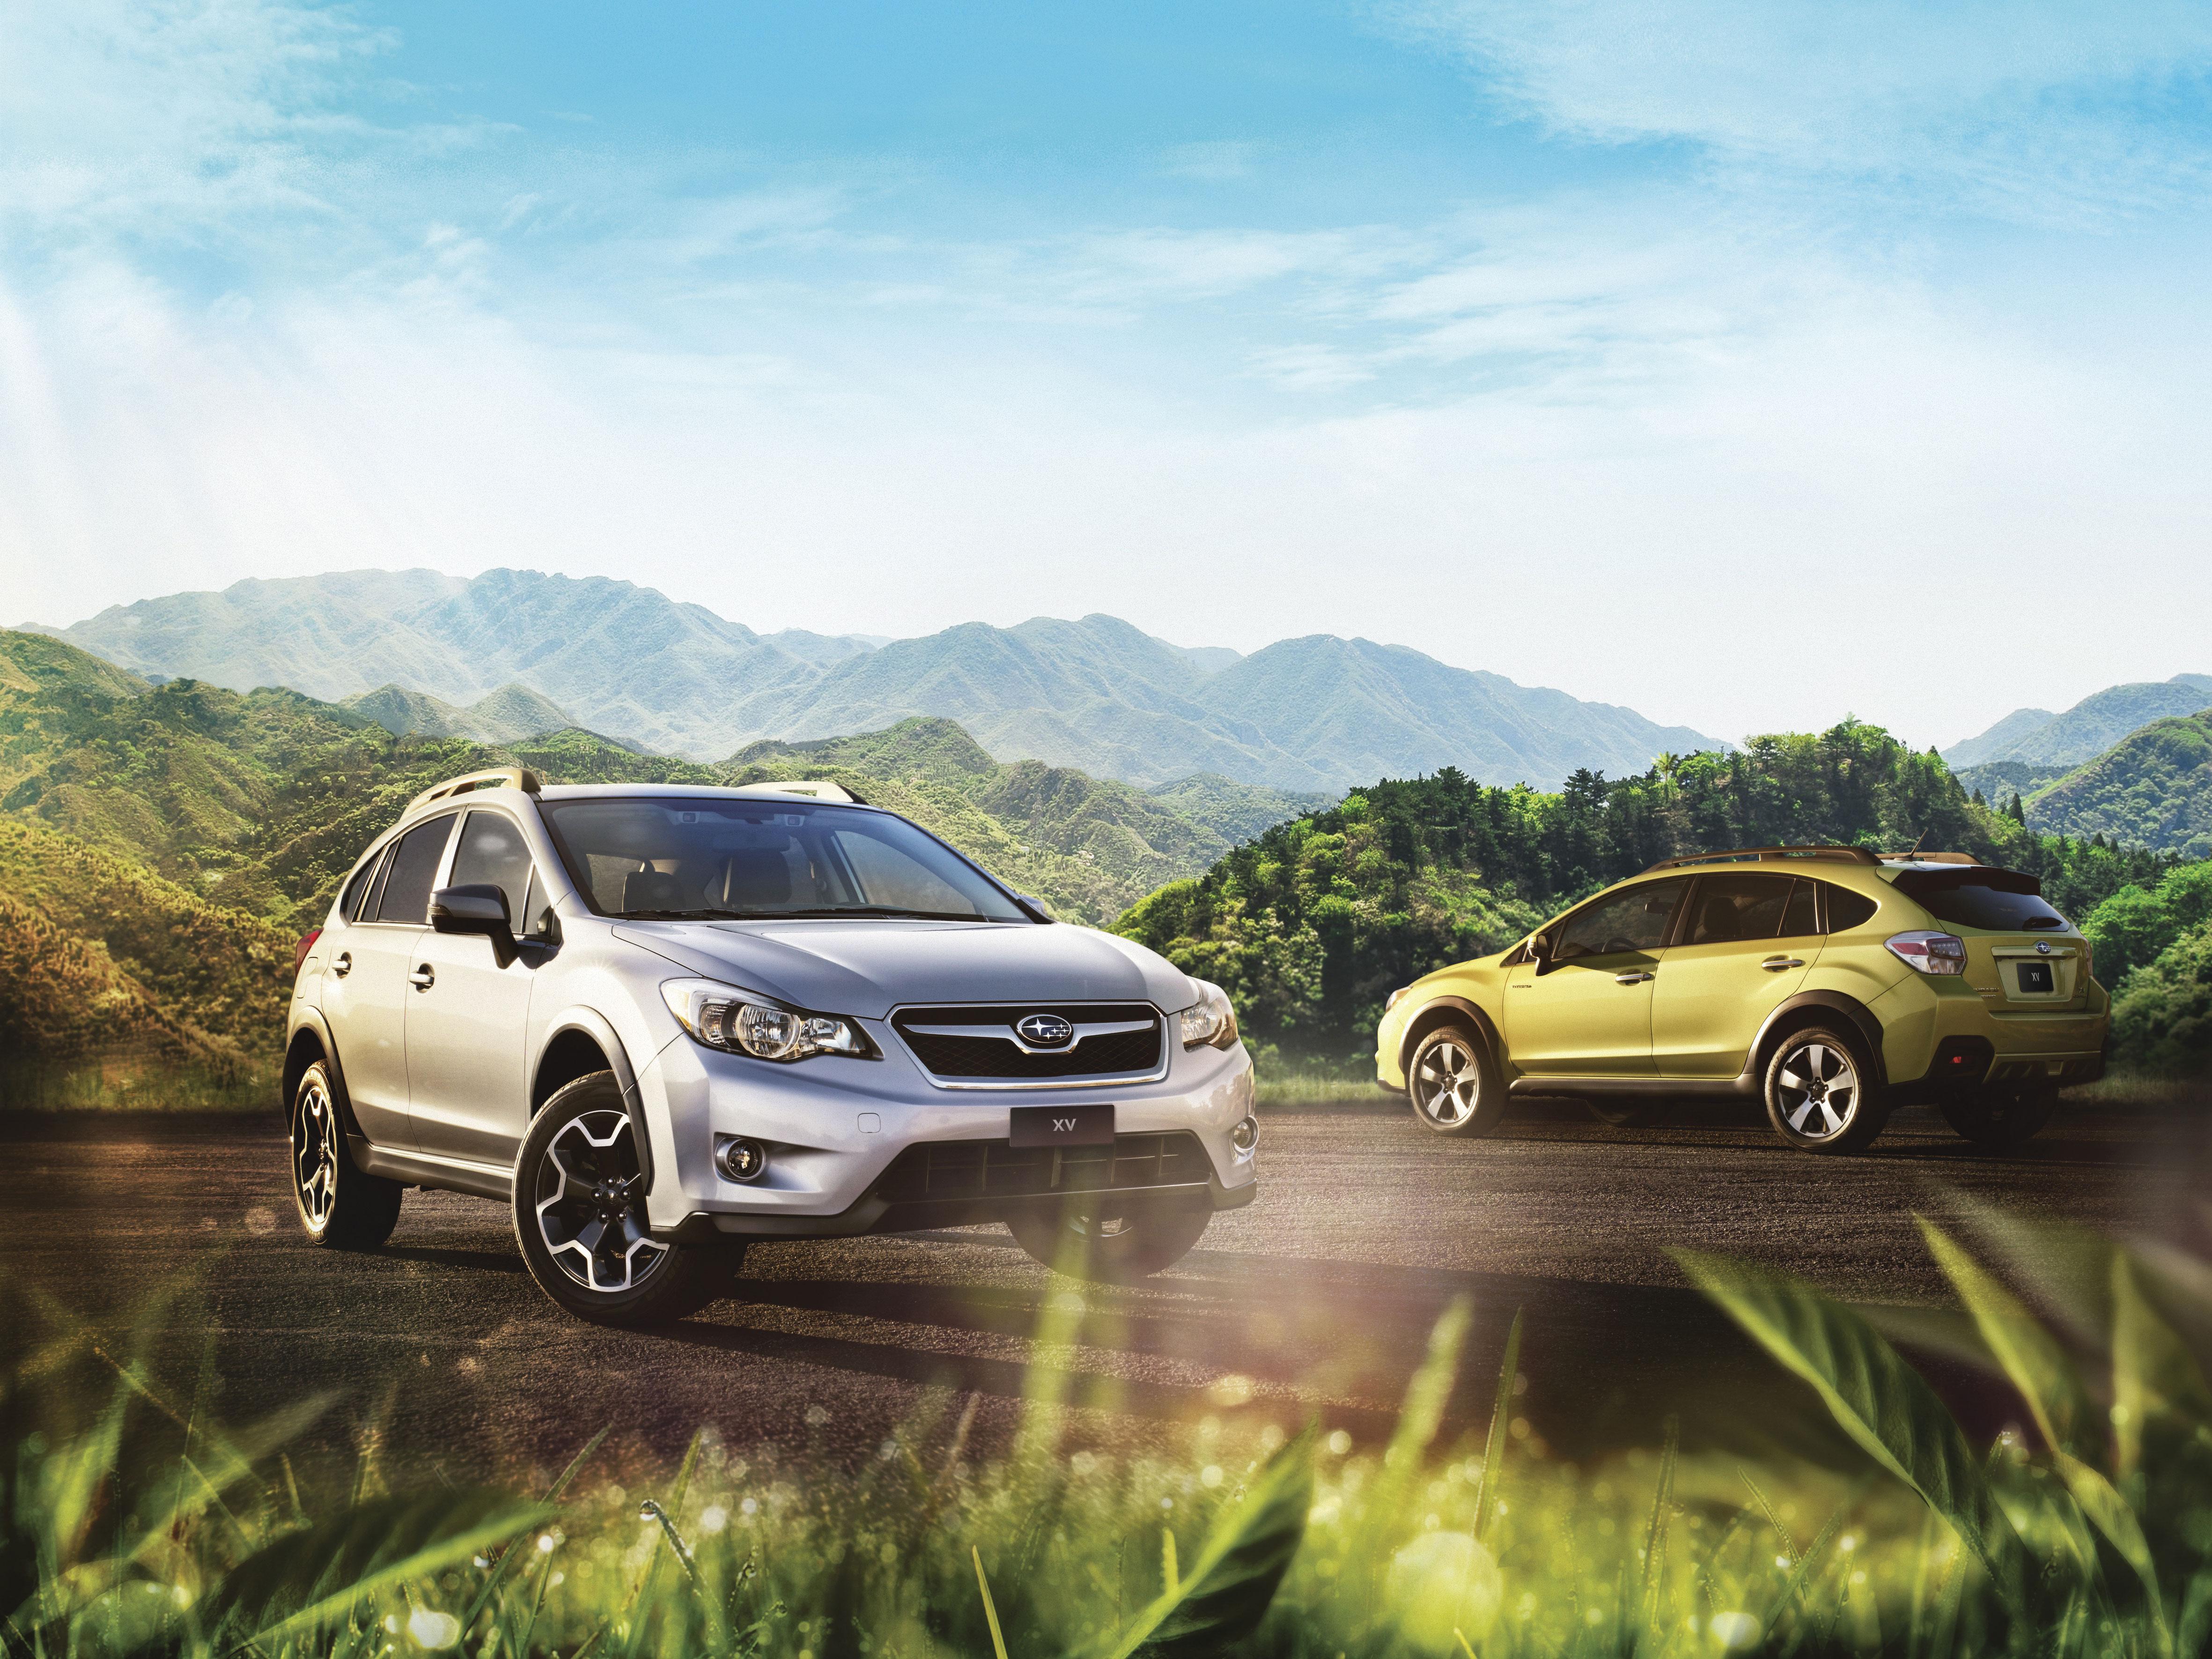 Subaru-Cfao-Automobile-Publicite-Visuel-02